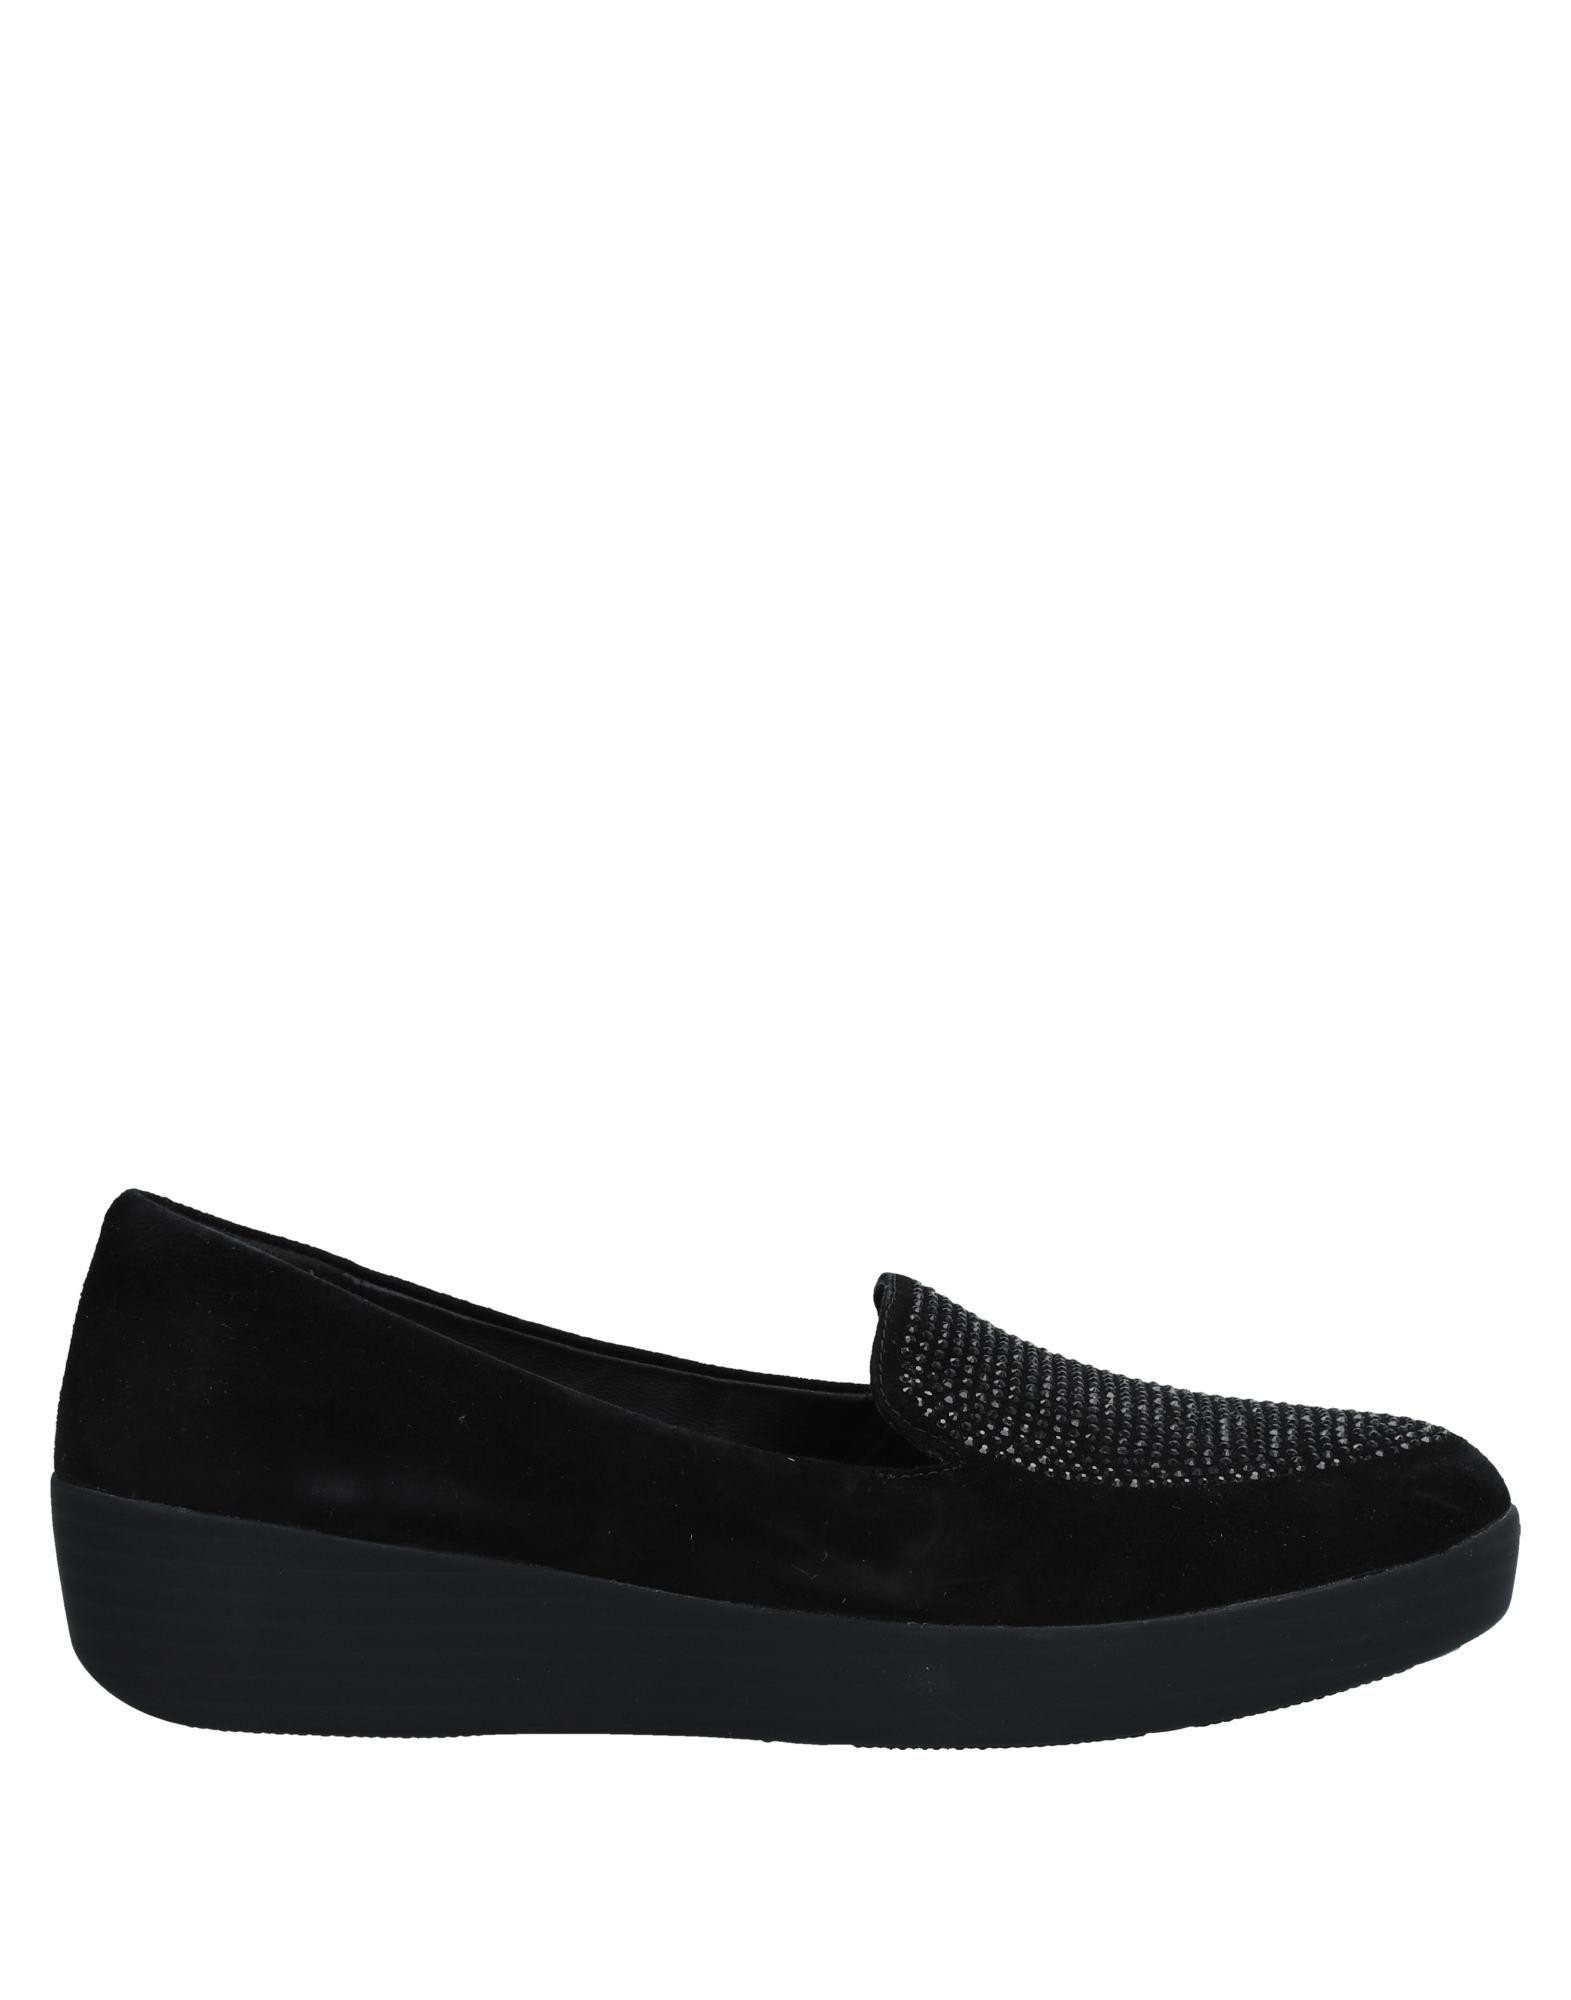 Fitflop Mokassins Damen  11525998UE Gute Qualität beliebte Schuhe